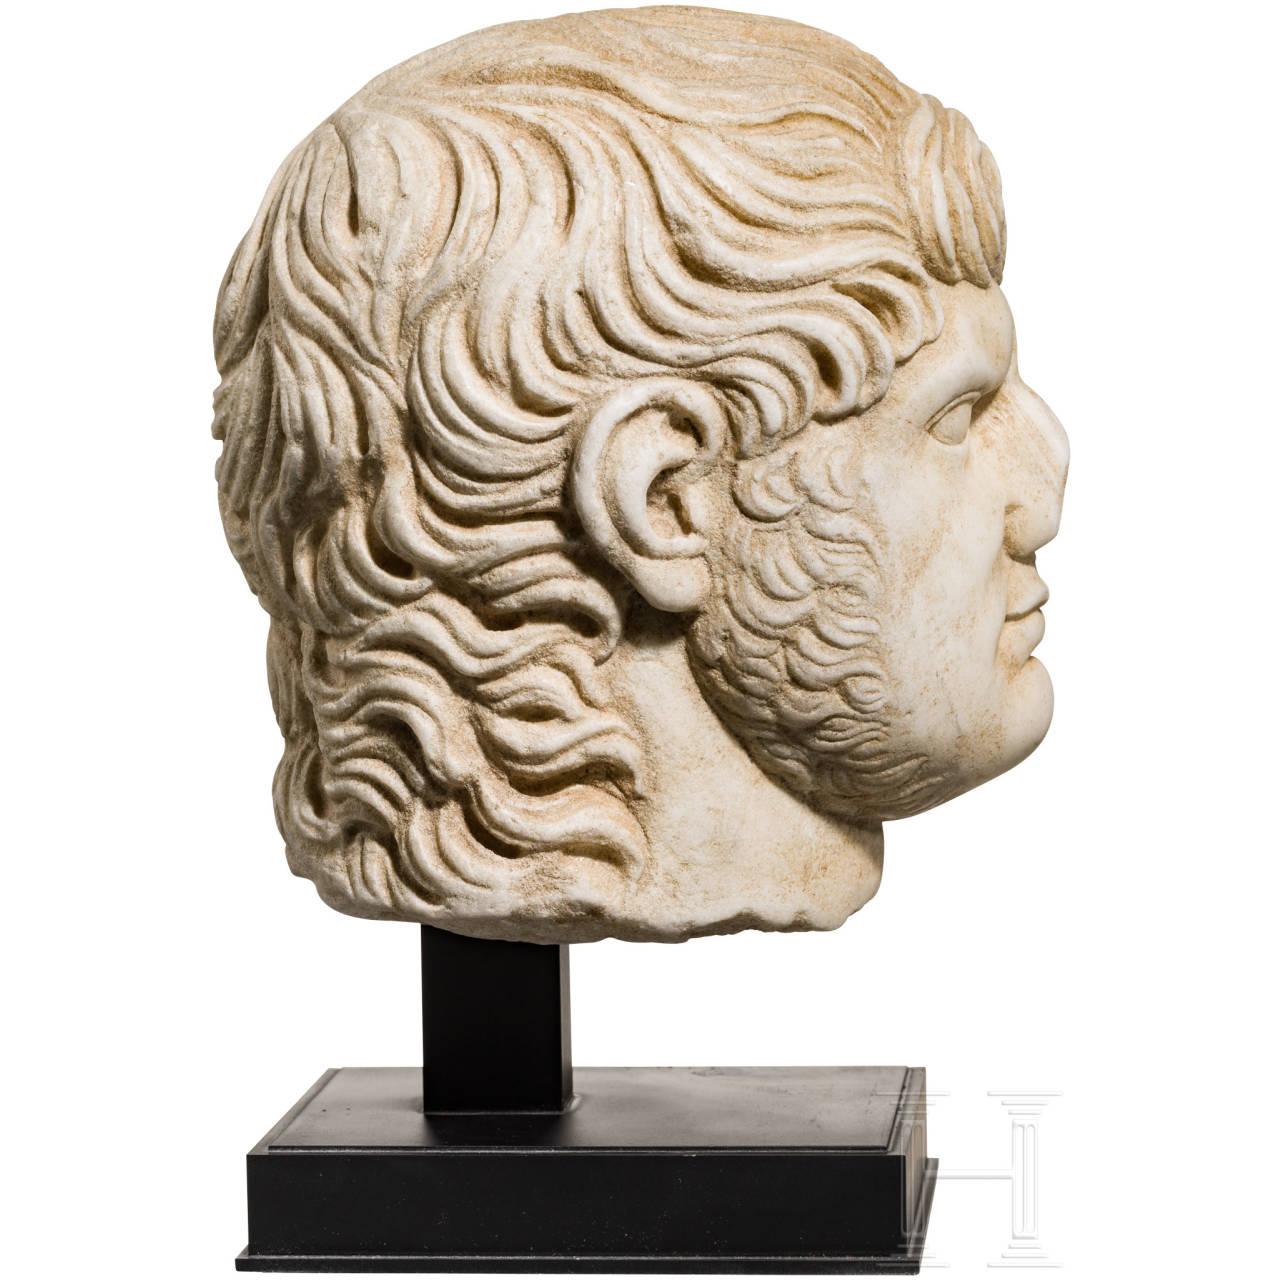 Grand Tour-Skulptur des Kopfes von Nero, Italien, 19. Jhdt., Marmor